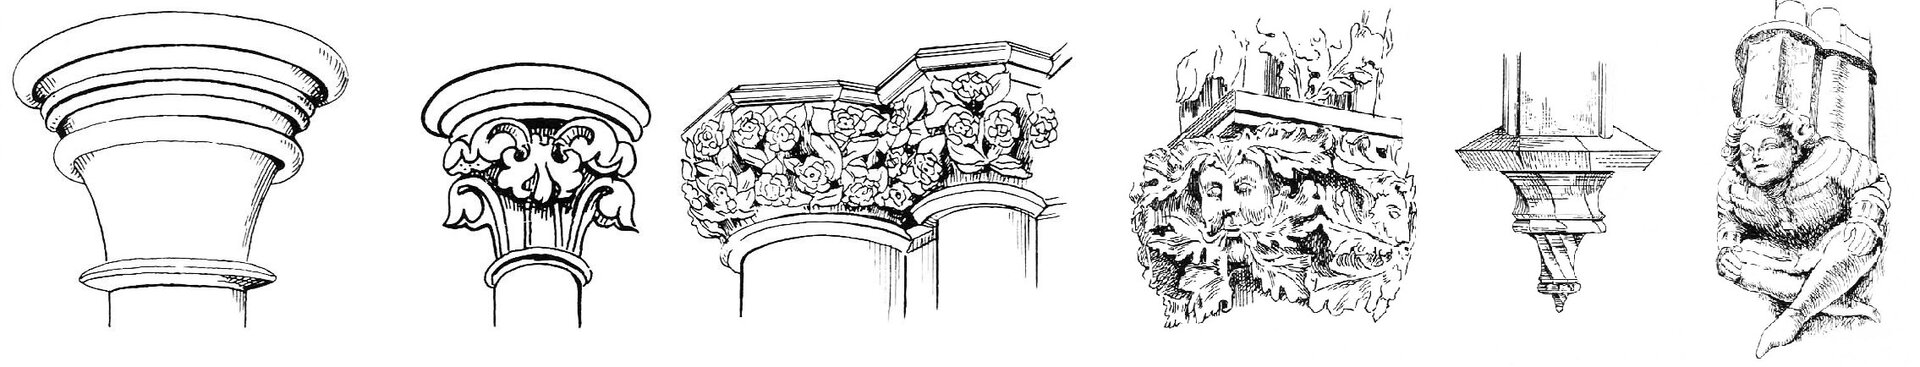 Ilustracja przedstawia rysunki głowic gotyckich. Różnią się one zdobieniami. Pierwsza, tzw. talerzowa jest najprostsza, pozbawiona dekoracji. Wdrugiej, talerzowo-liściastej zastosowano  dekorację wpostaci liści winorośli. Dwie kolejne mają dekoracje zkwiatów. Wnastępnej pojawiają się motywy głów połączone zliśćmi winorośli. Ostatnia głowica jest skręcona.